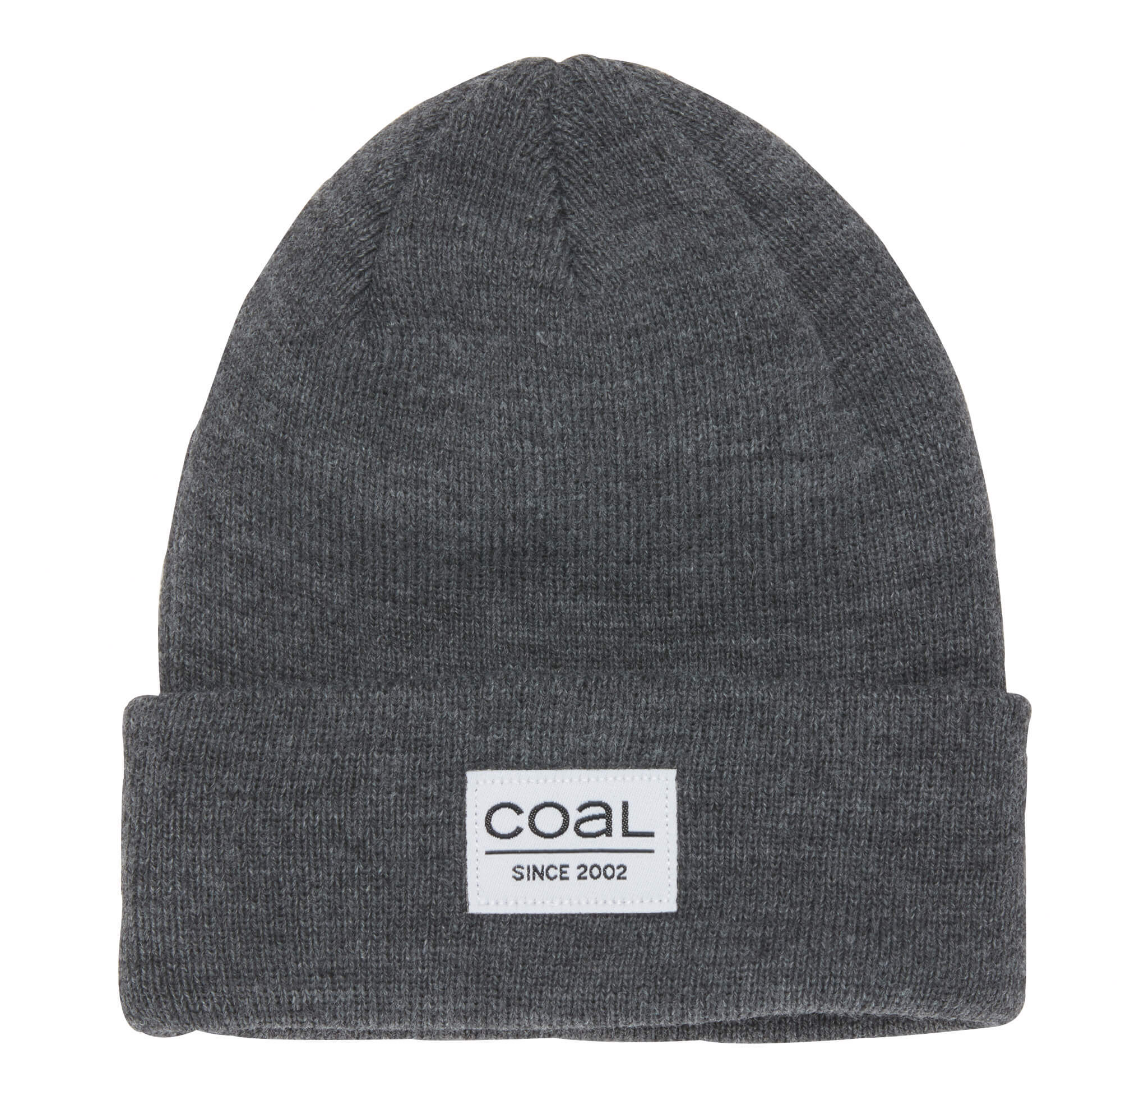 Coal The Standard Kids Cuffed Beanie - Charcoal